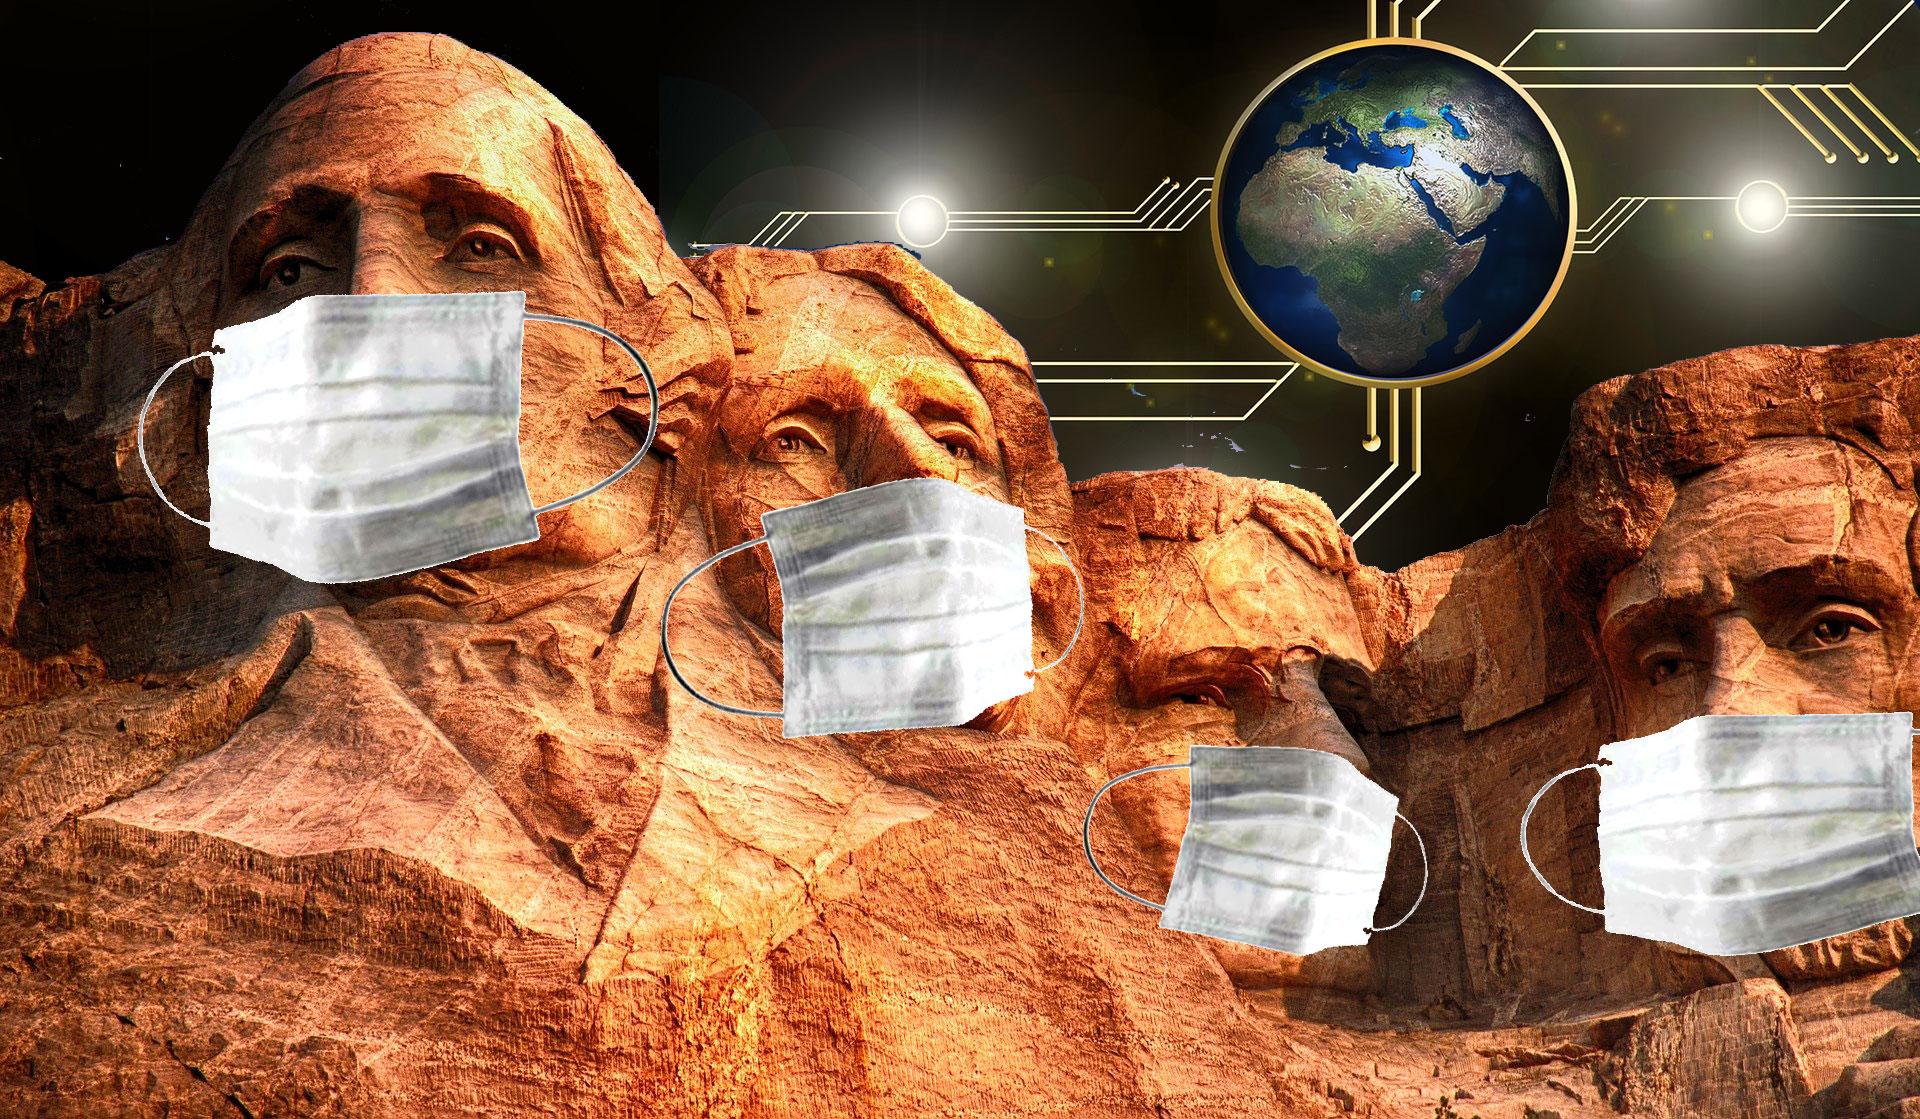 米議会、コロナウイルスによる経済危機の対応策としてデジタルドルの導入を提案